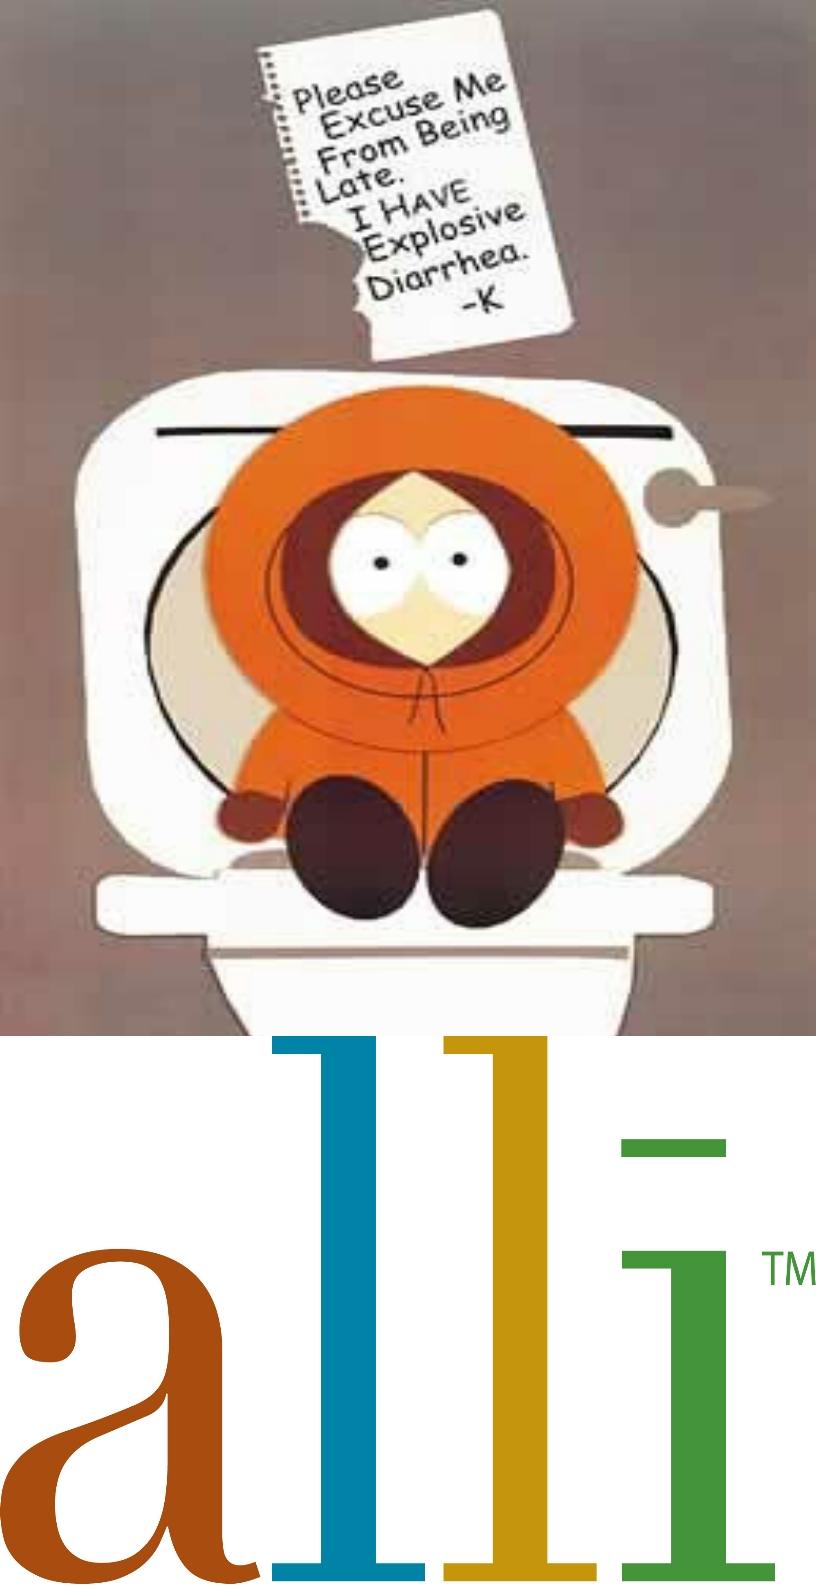 alli-diarrhea